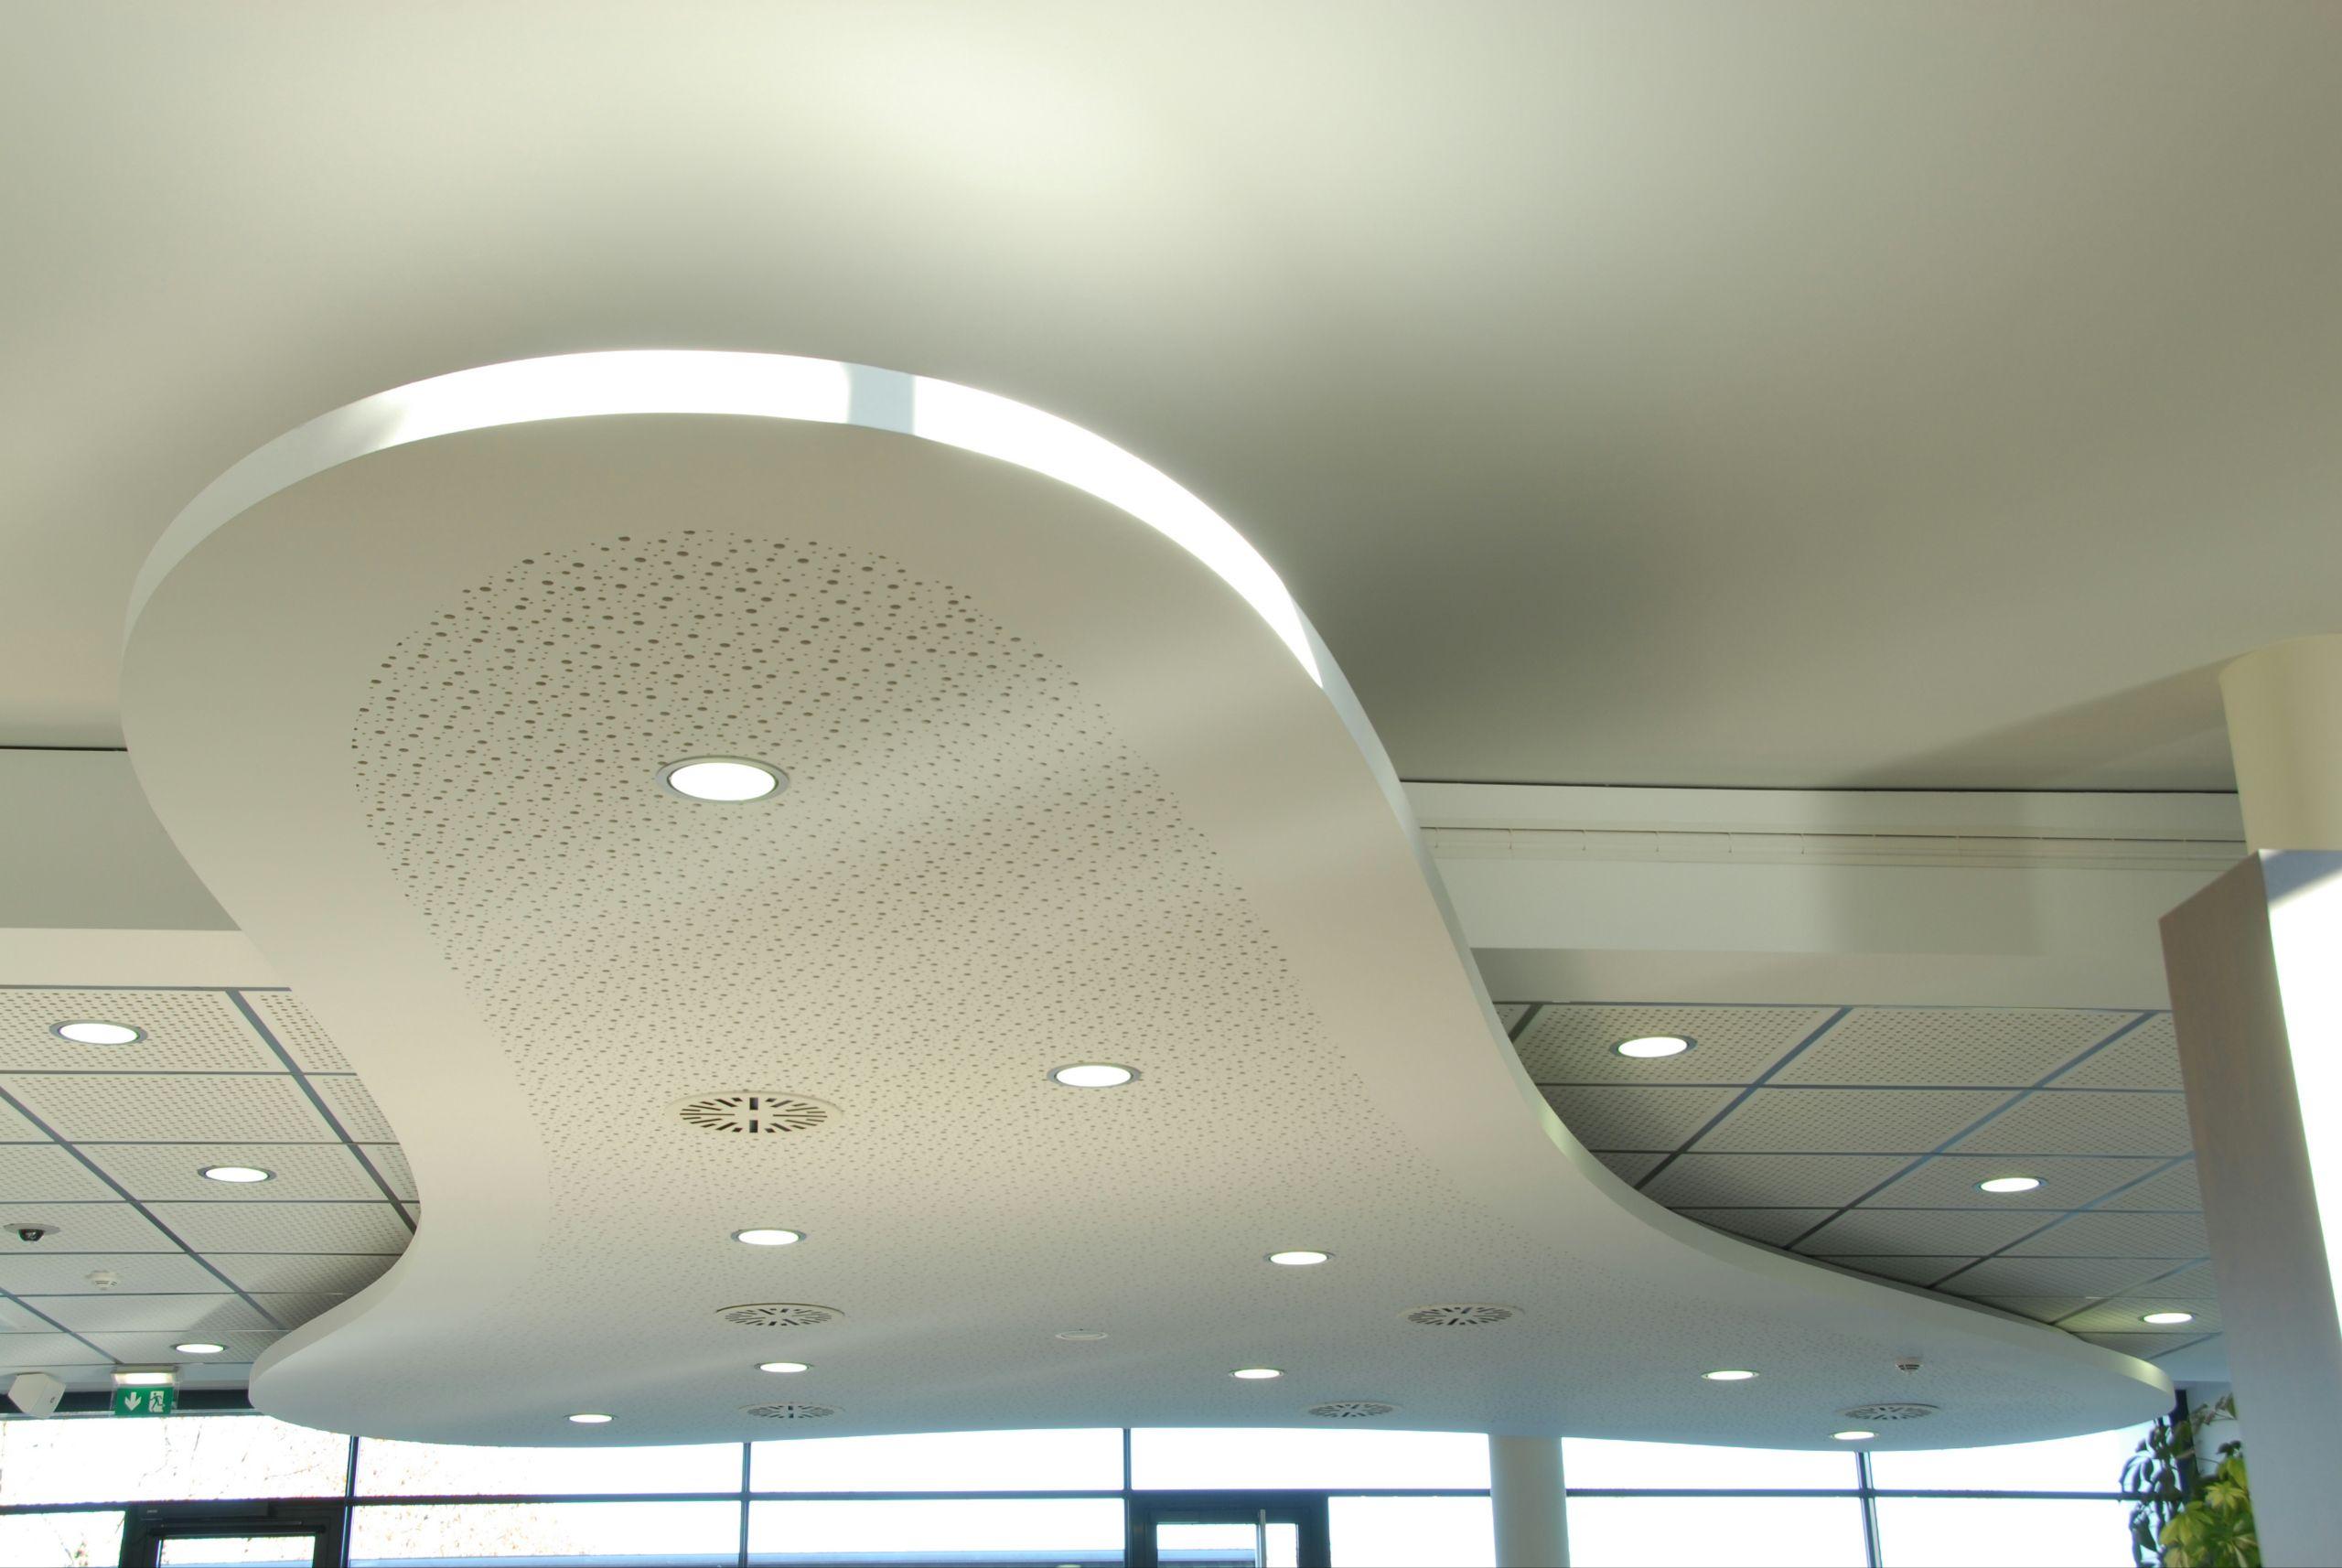 Faux plafond acoustique en placo lastra sf 8 12 50r for Faux plafond placo decoratif